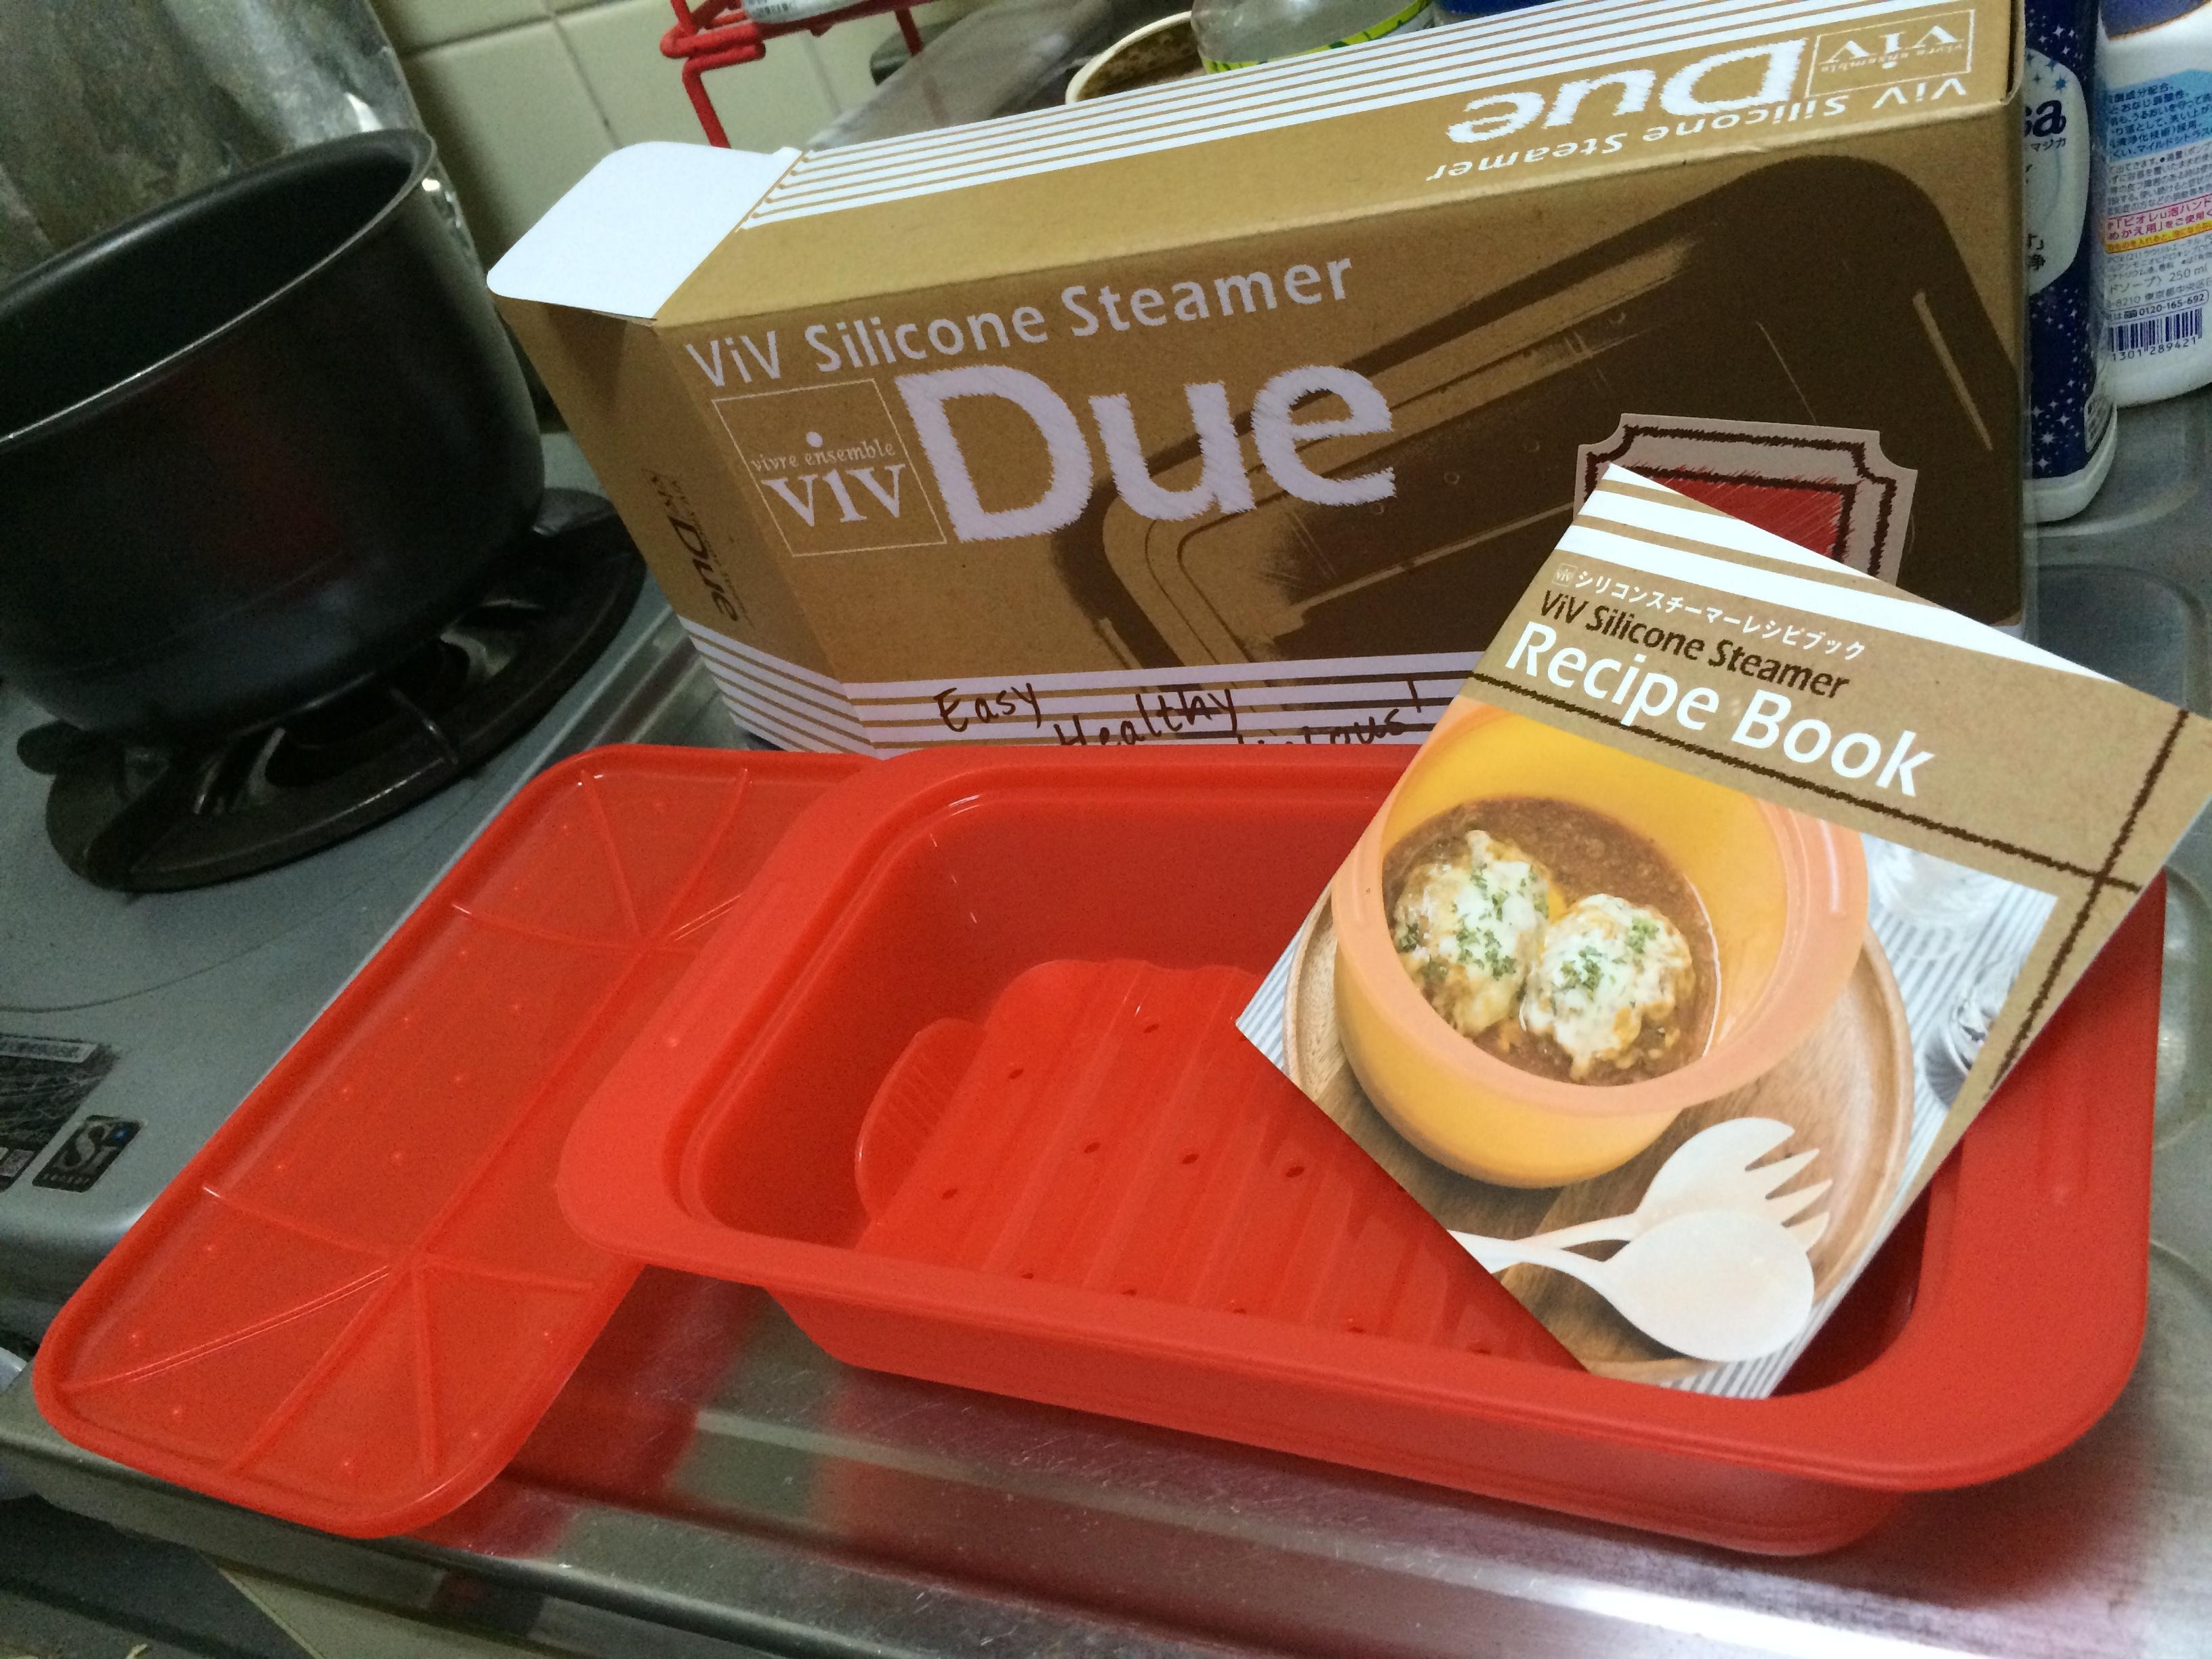 料理が苦手な男性でも簡単に調理ができる!?シリコンスチーマー!